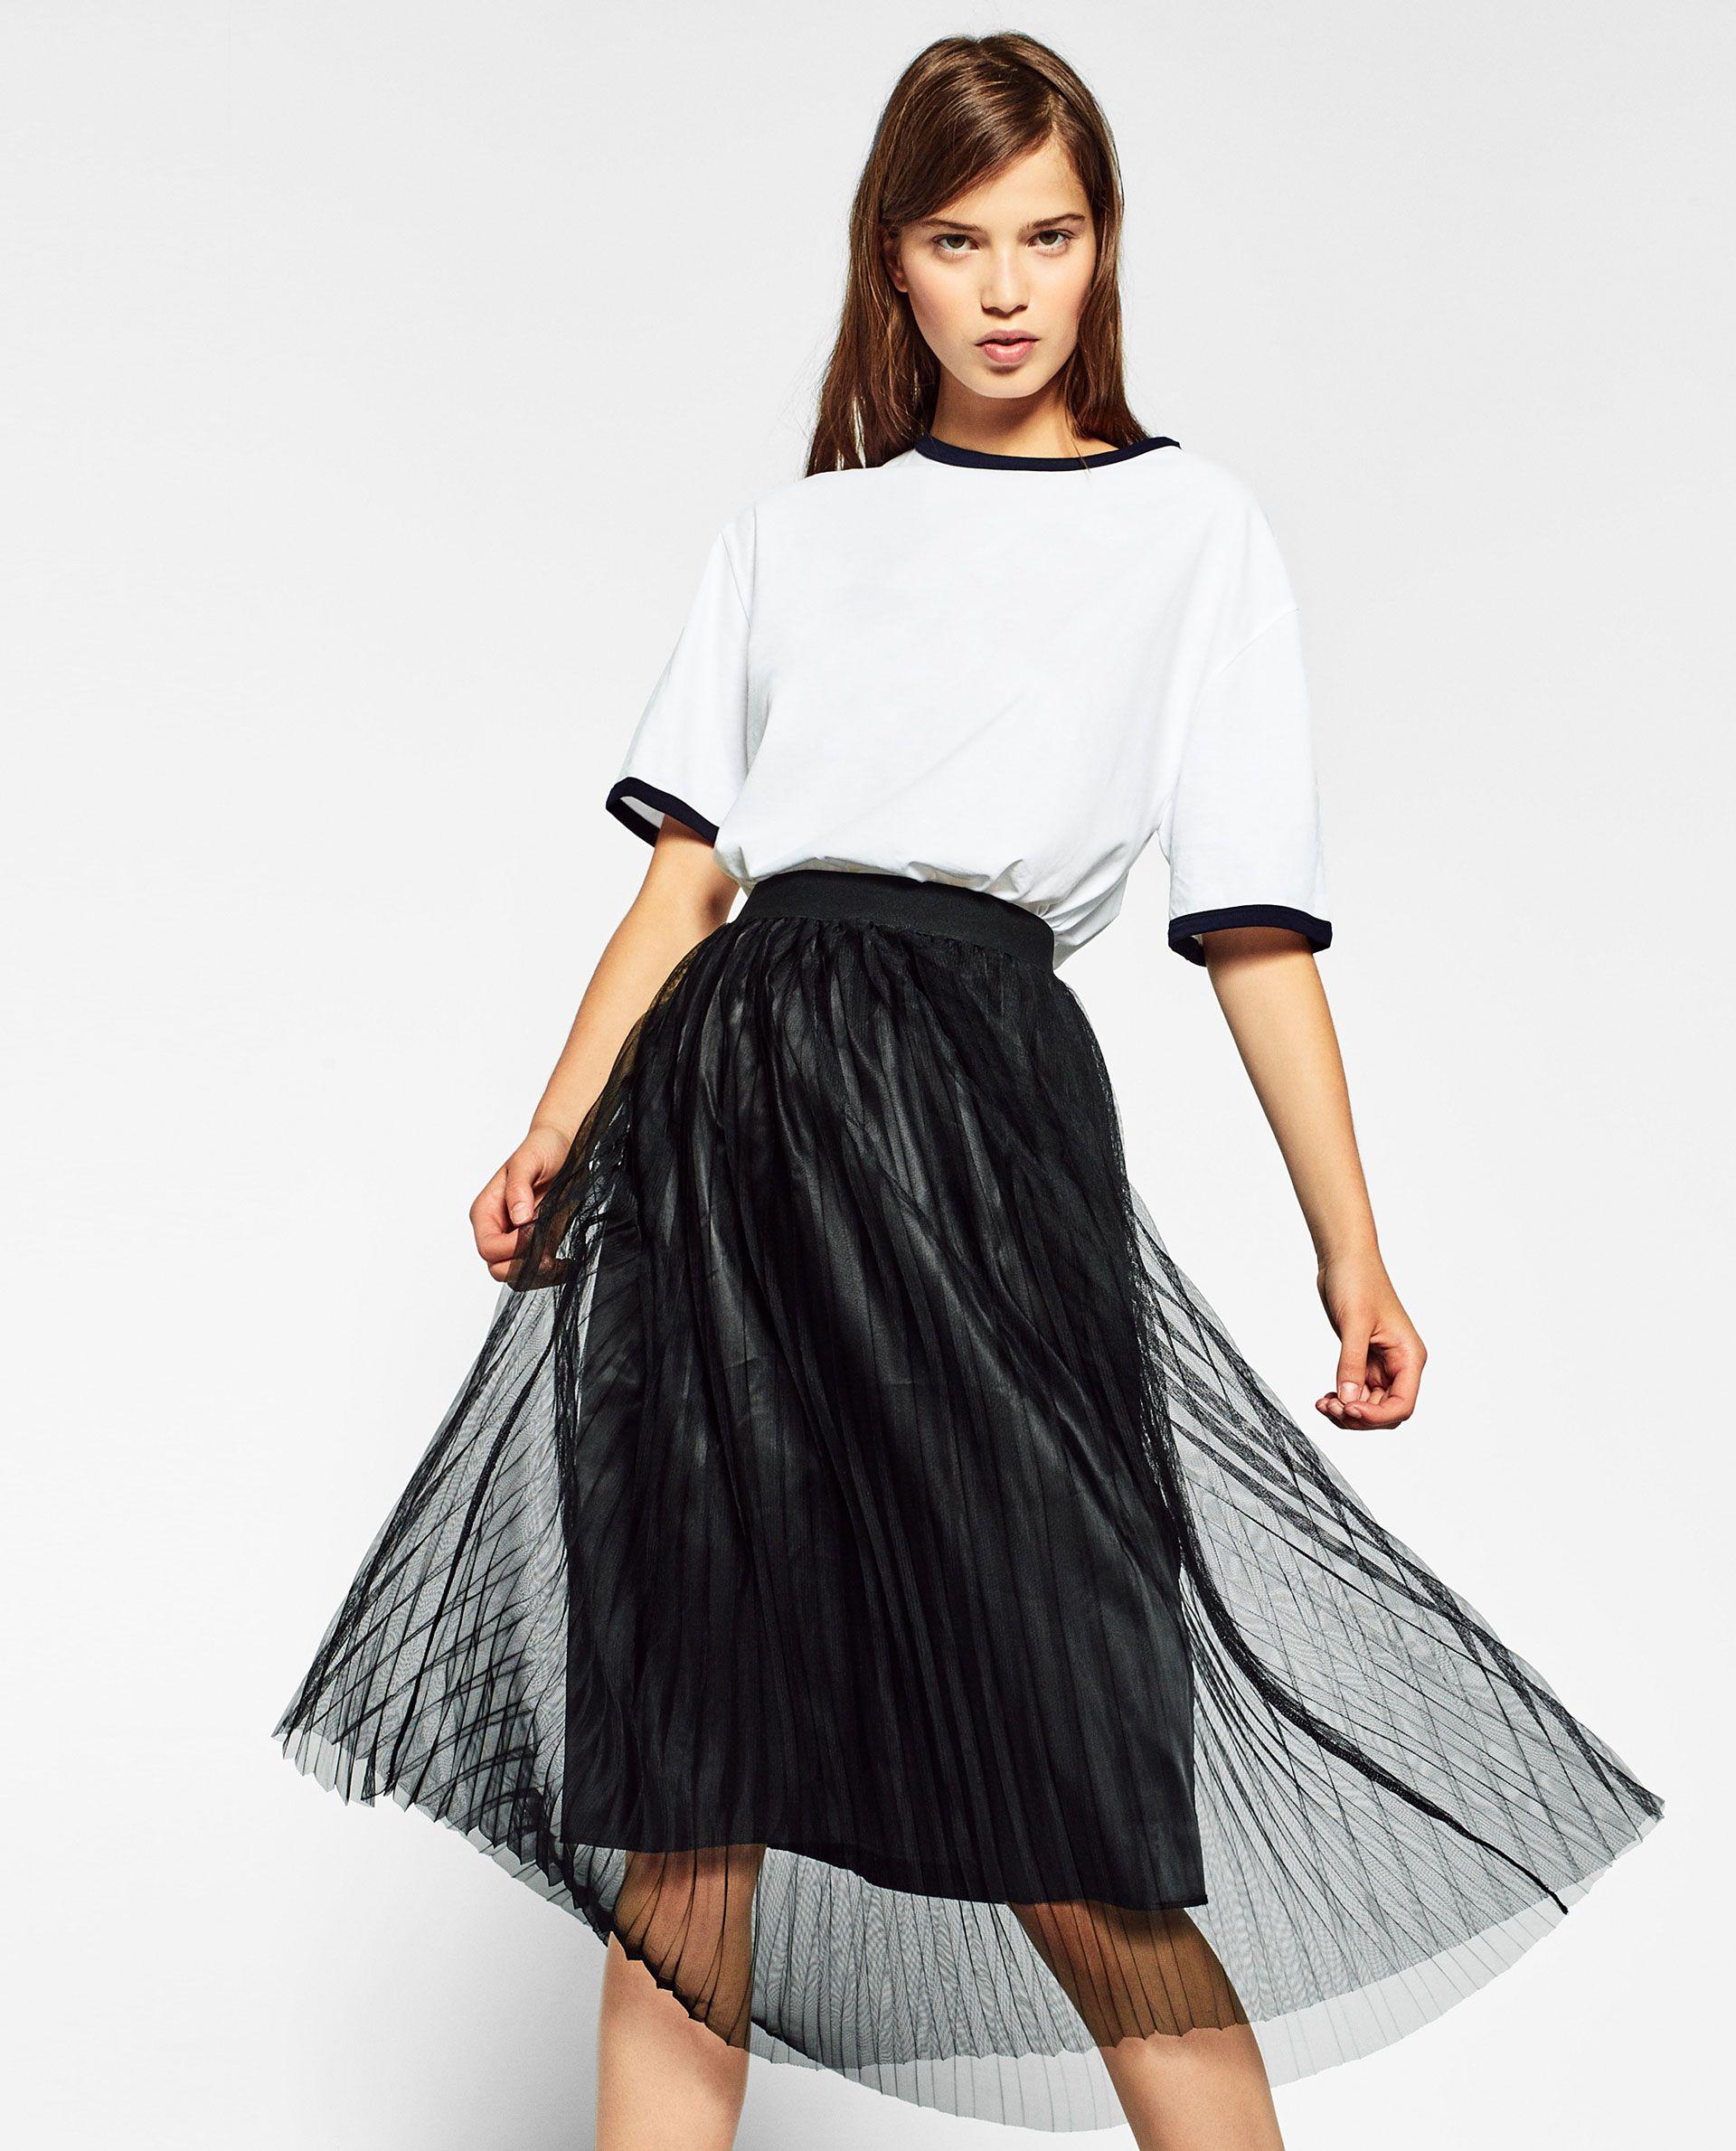 Imagen 1 de FALDA MINI TUL de Zara | FELPA W16 | Faldas